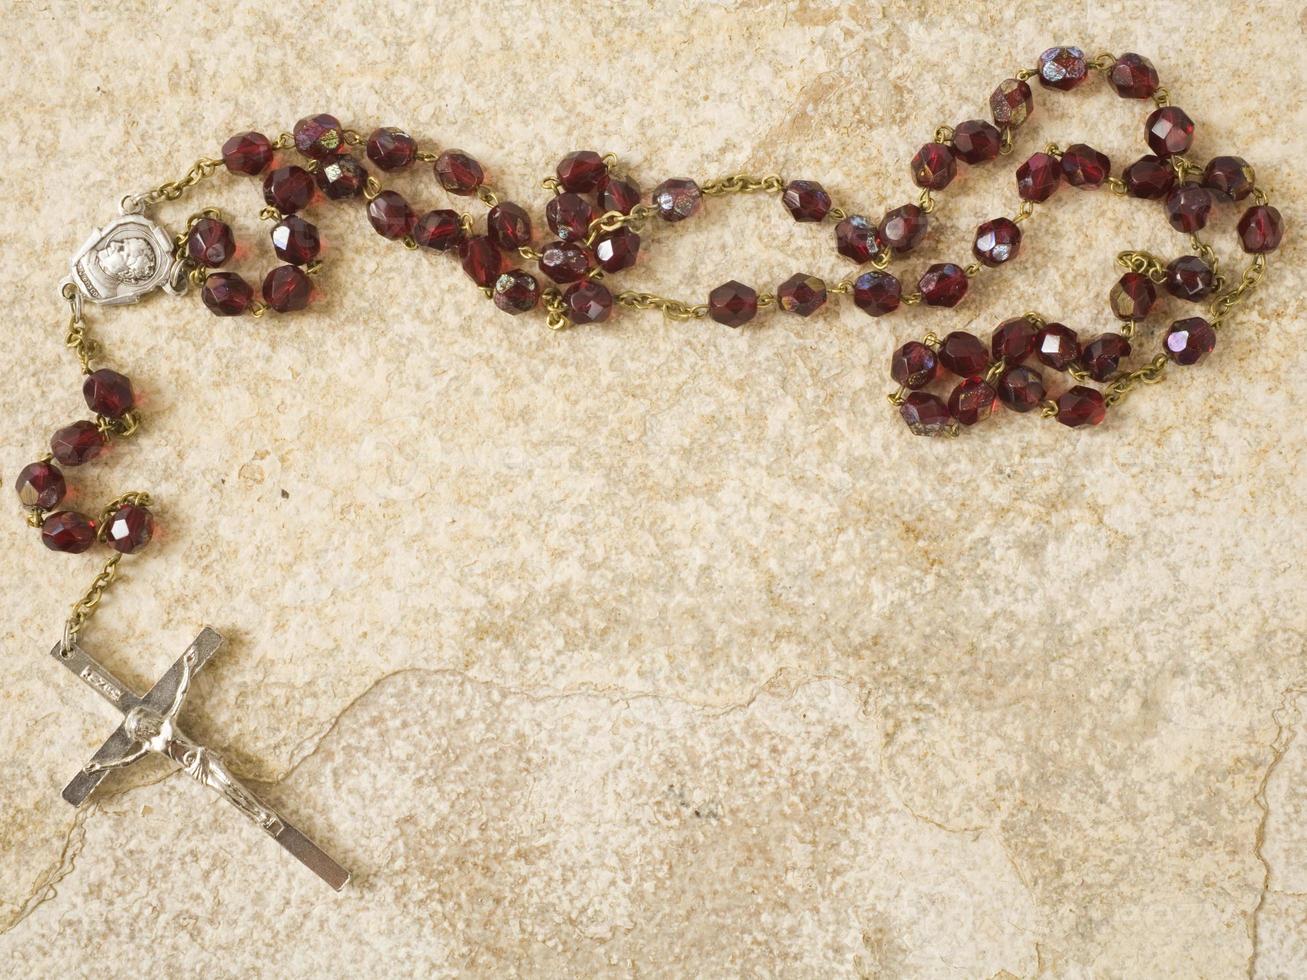 rosari su pietra con spazio di copia foto